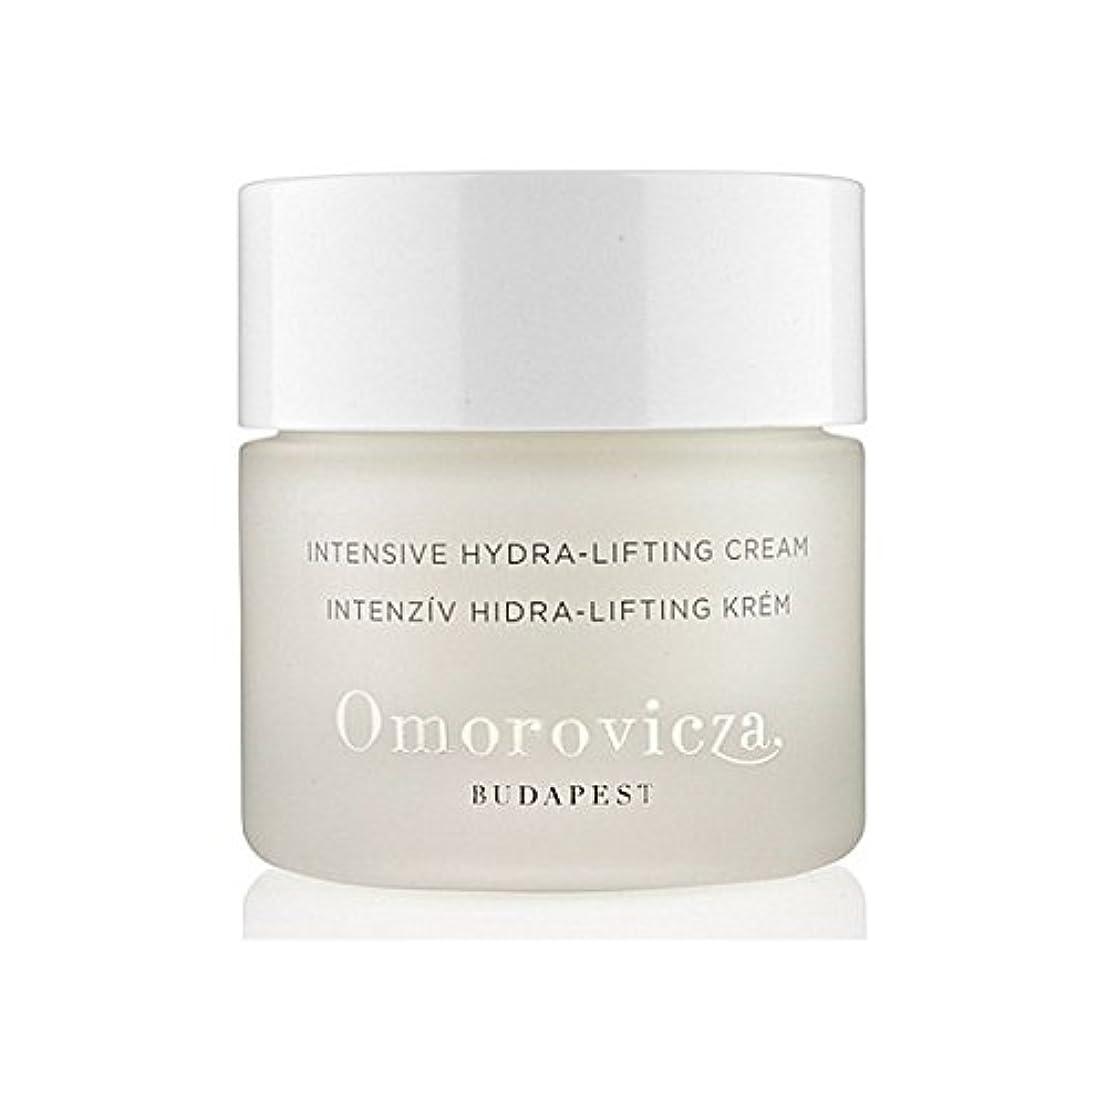 レインコート組み合わせるおしゃれじゃないOmorovicza Intensive Hydra-Lifting Cream 50Ml (Pack of 6) - 集中的なヒドラリフティングクリーム50 x6 [並行輸入品]